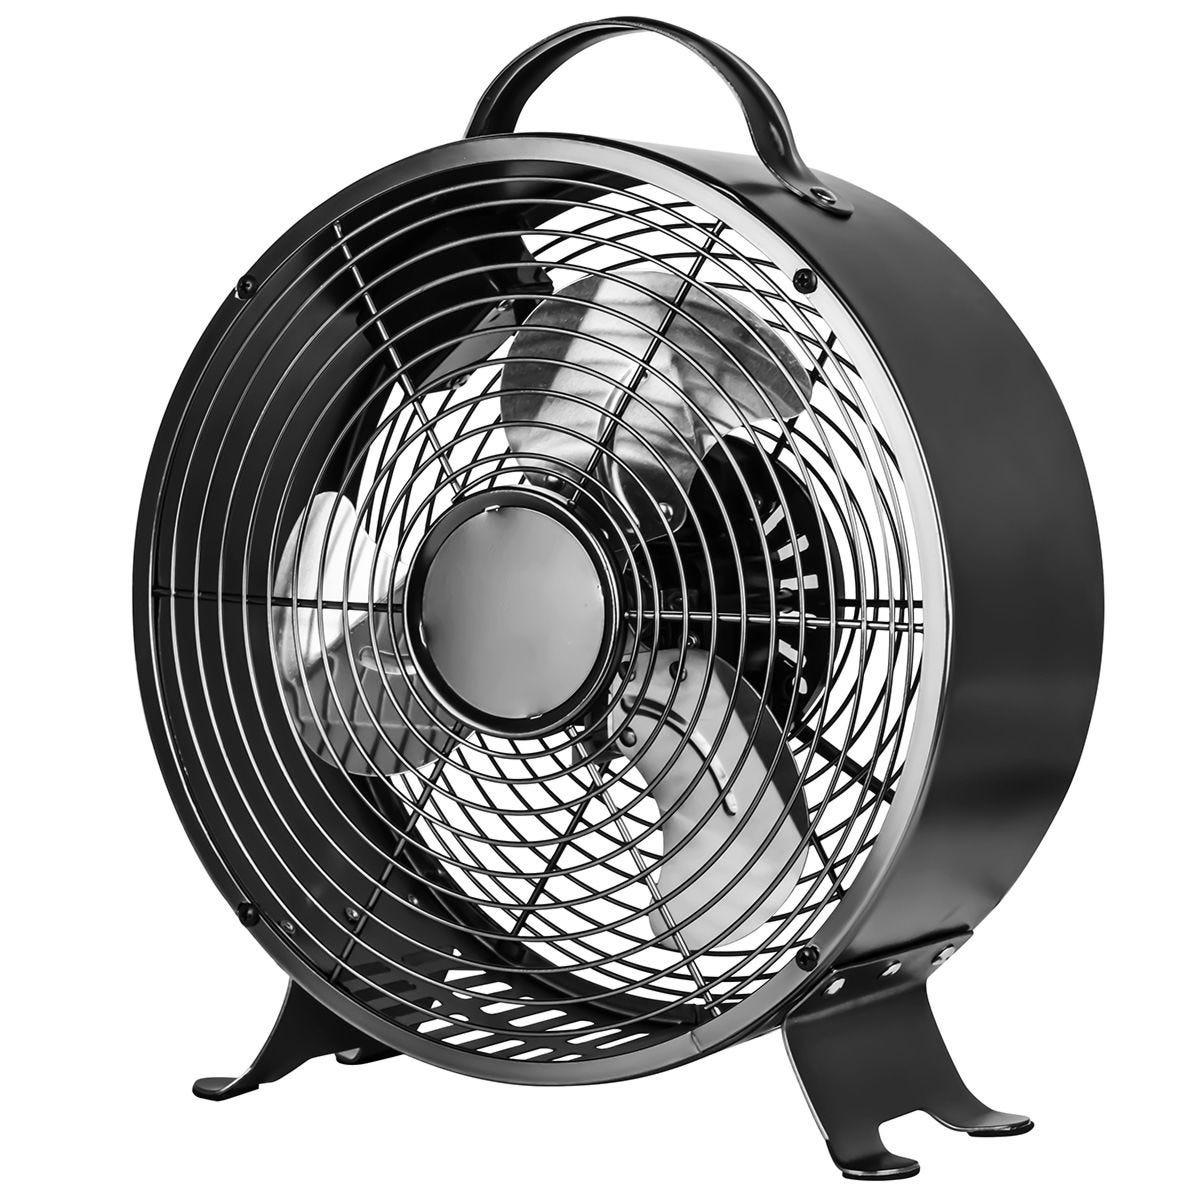 Status 8 Inch Retro Clock Shape Fan - Black